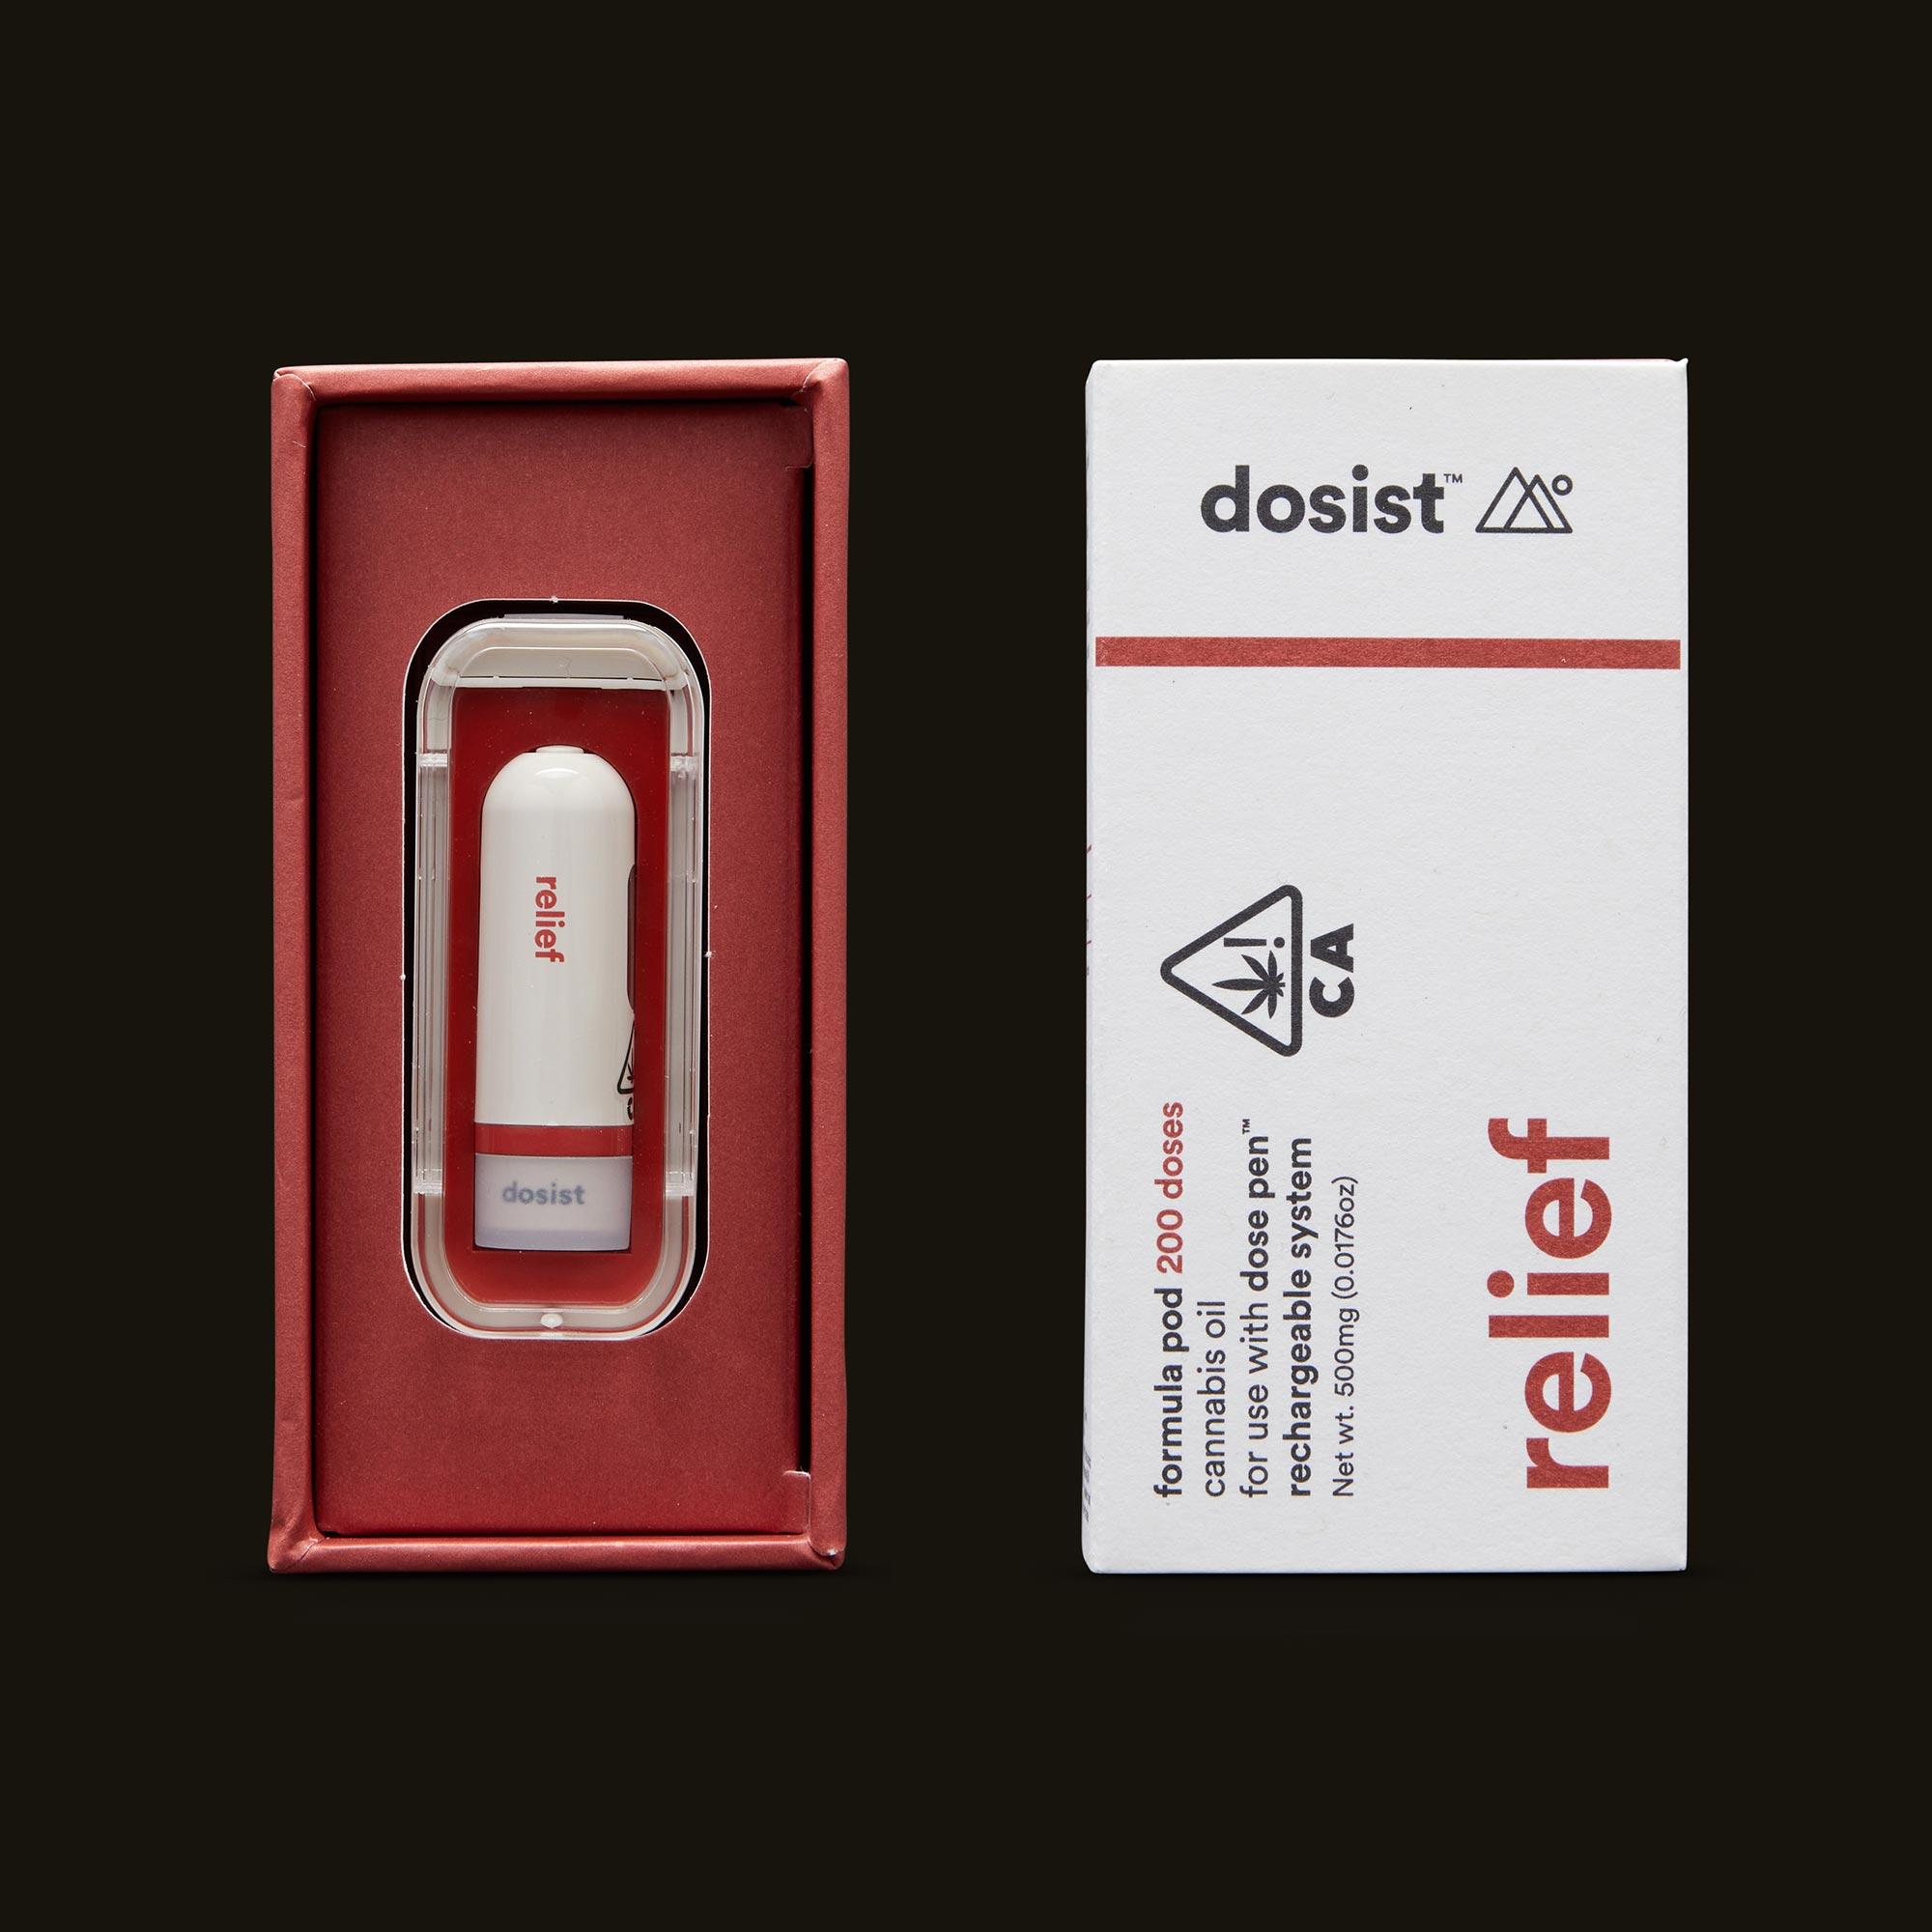 dosist relief formula pod open box